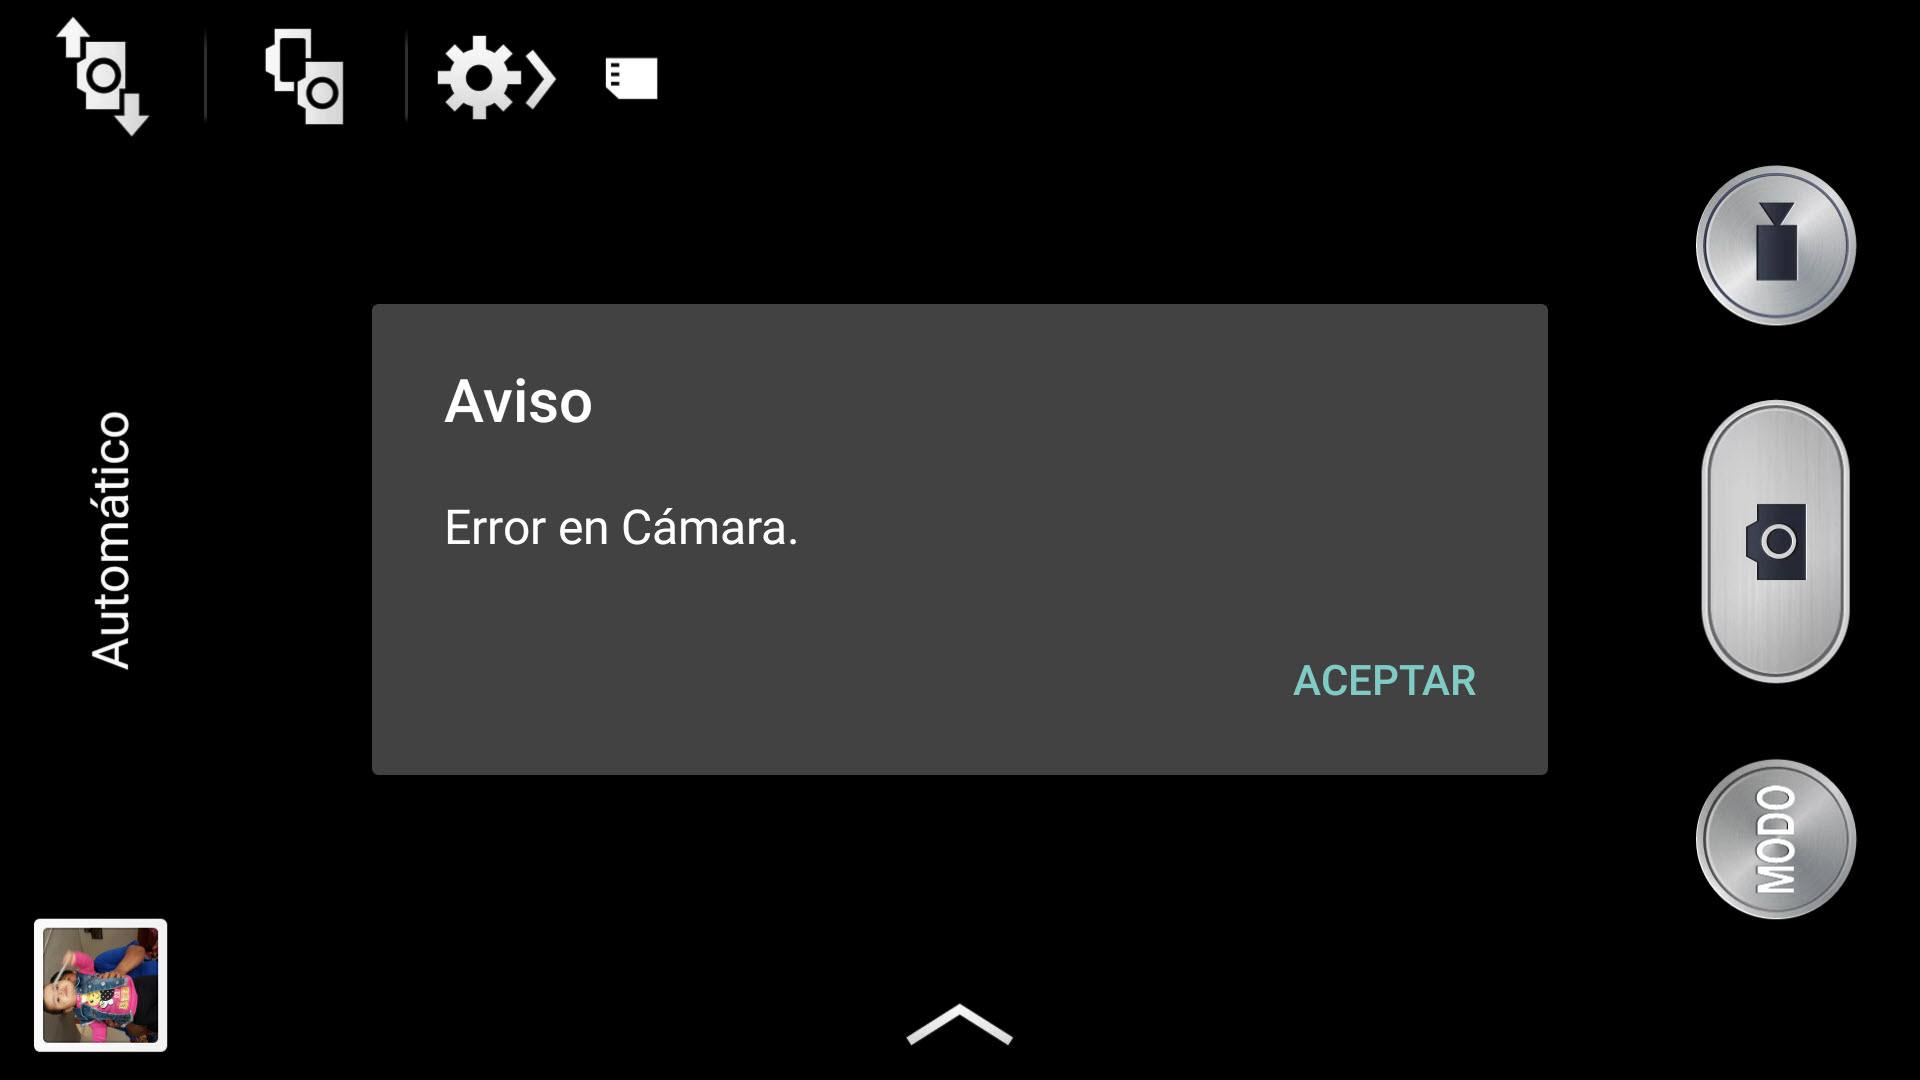 6 soluciones al ERROR de cámara en Samsung Galaxy